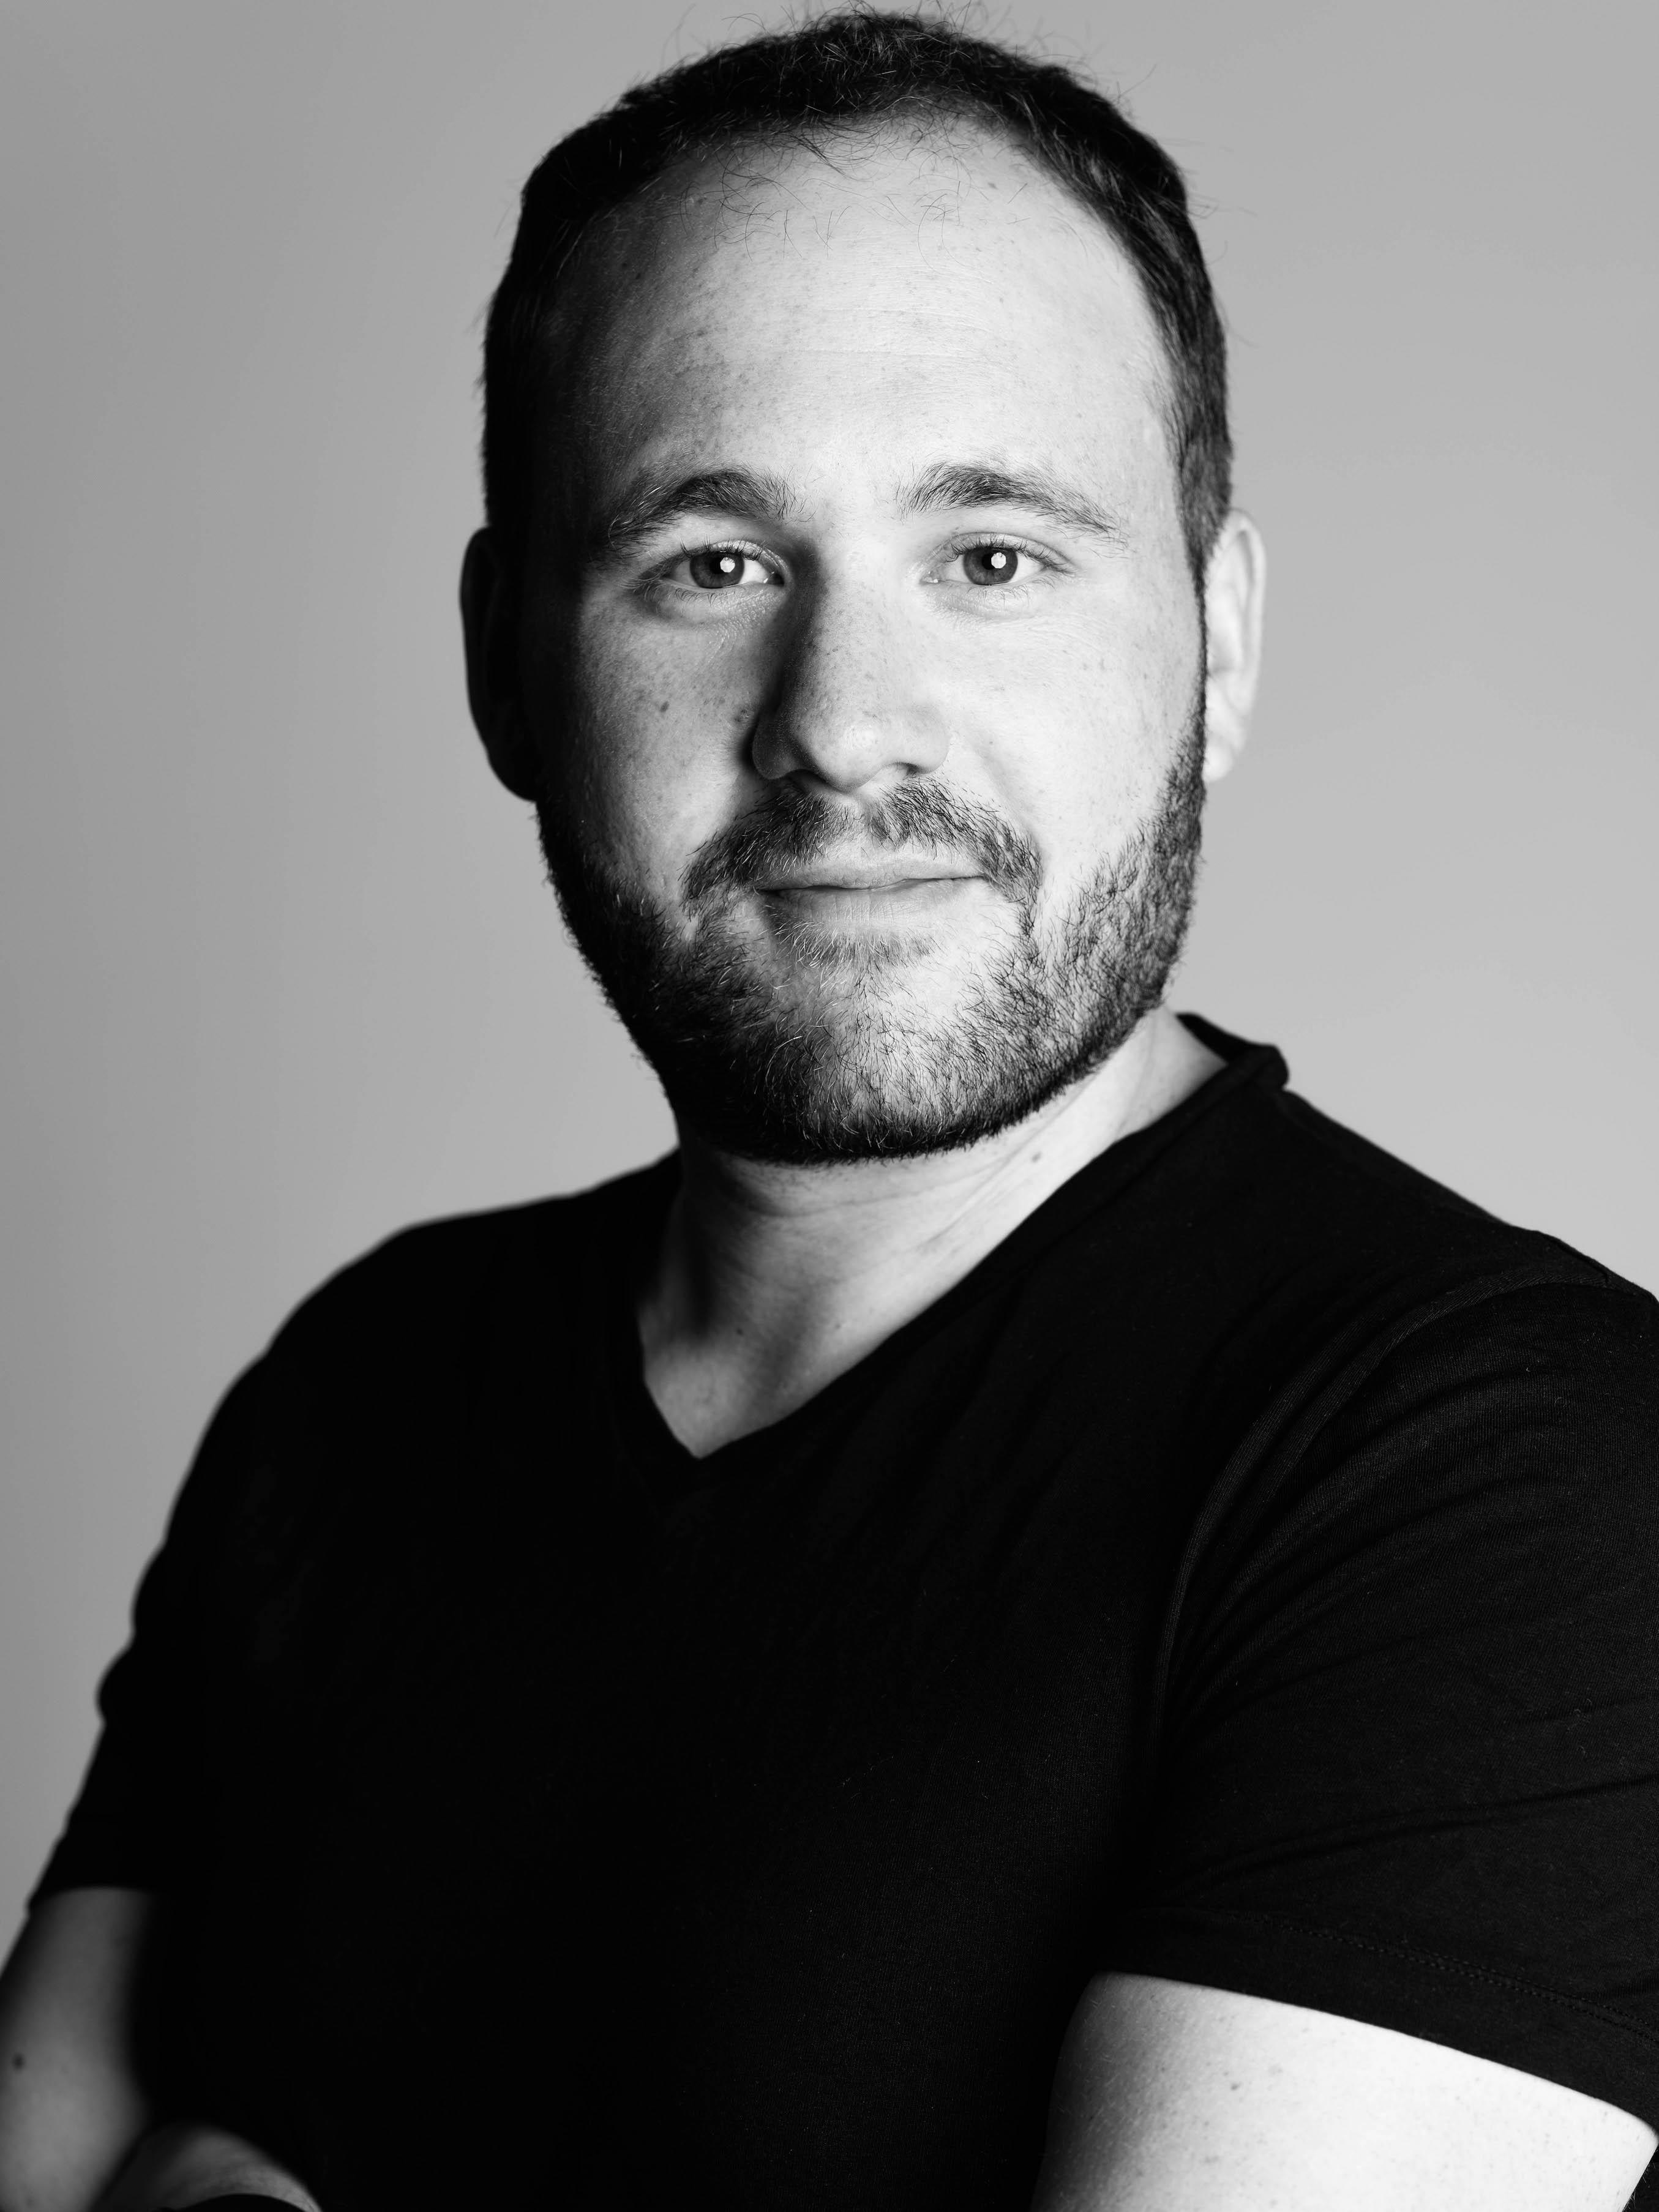 Emanuel Muhl